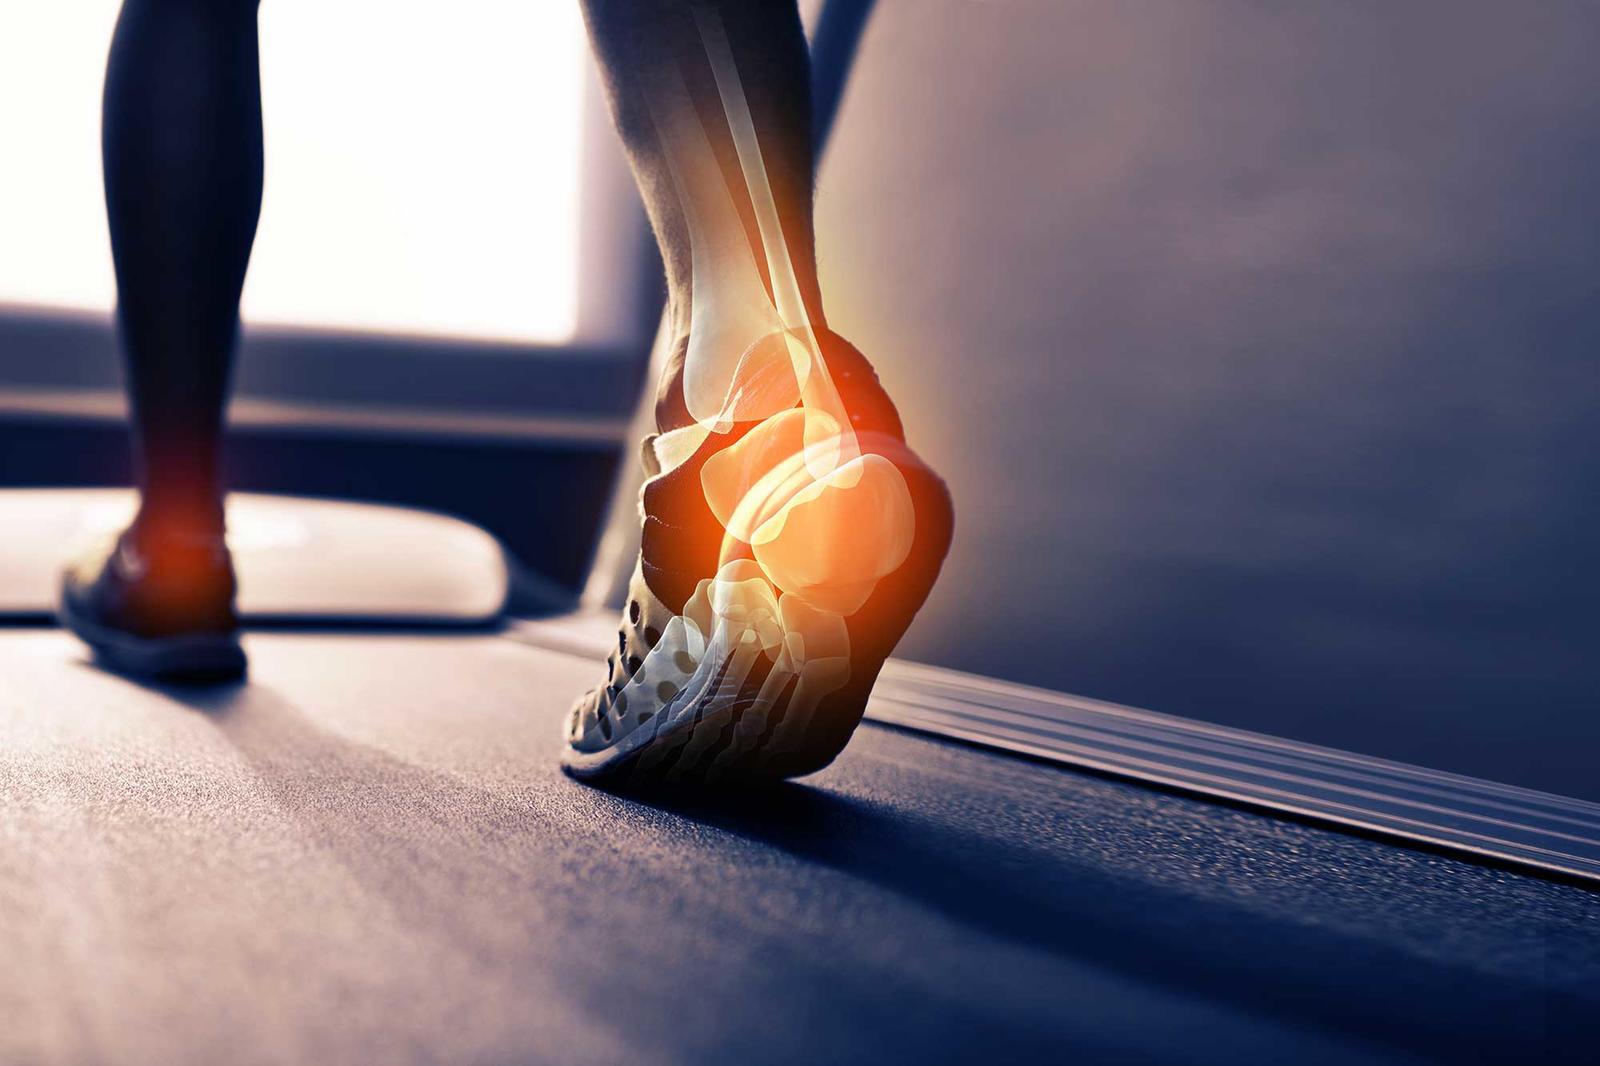 Регулярные занятия спортом могут сделать ваше тело на 30 лет моложе